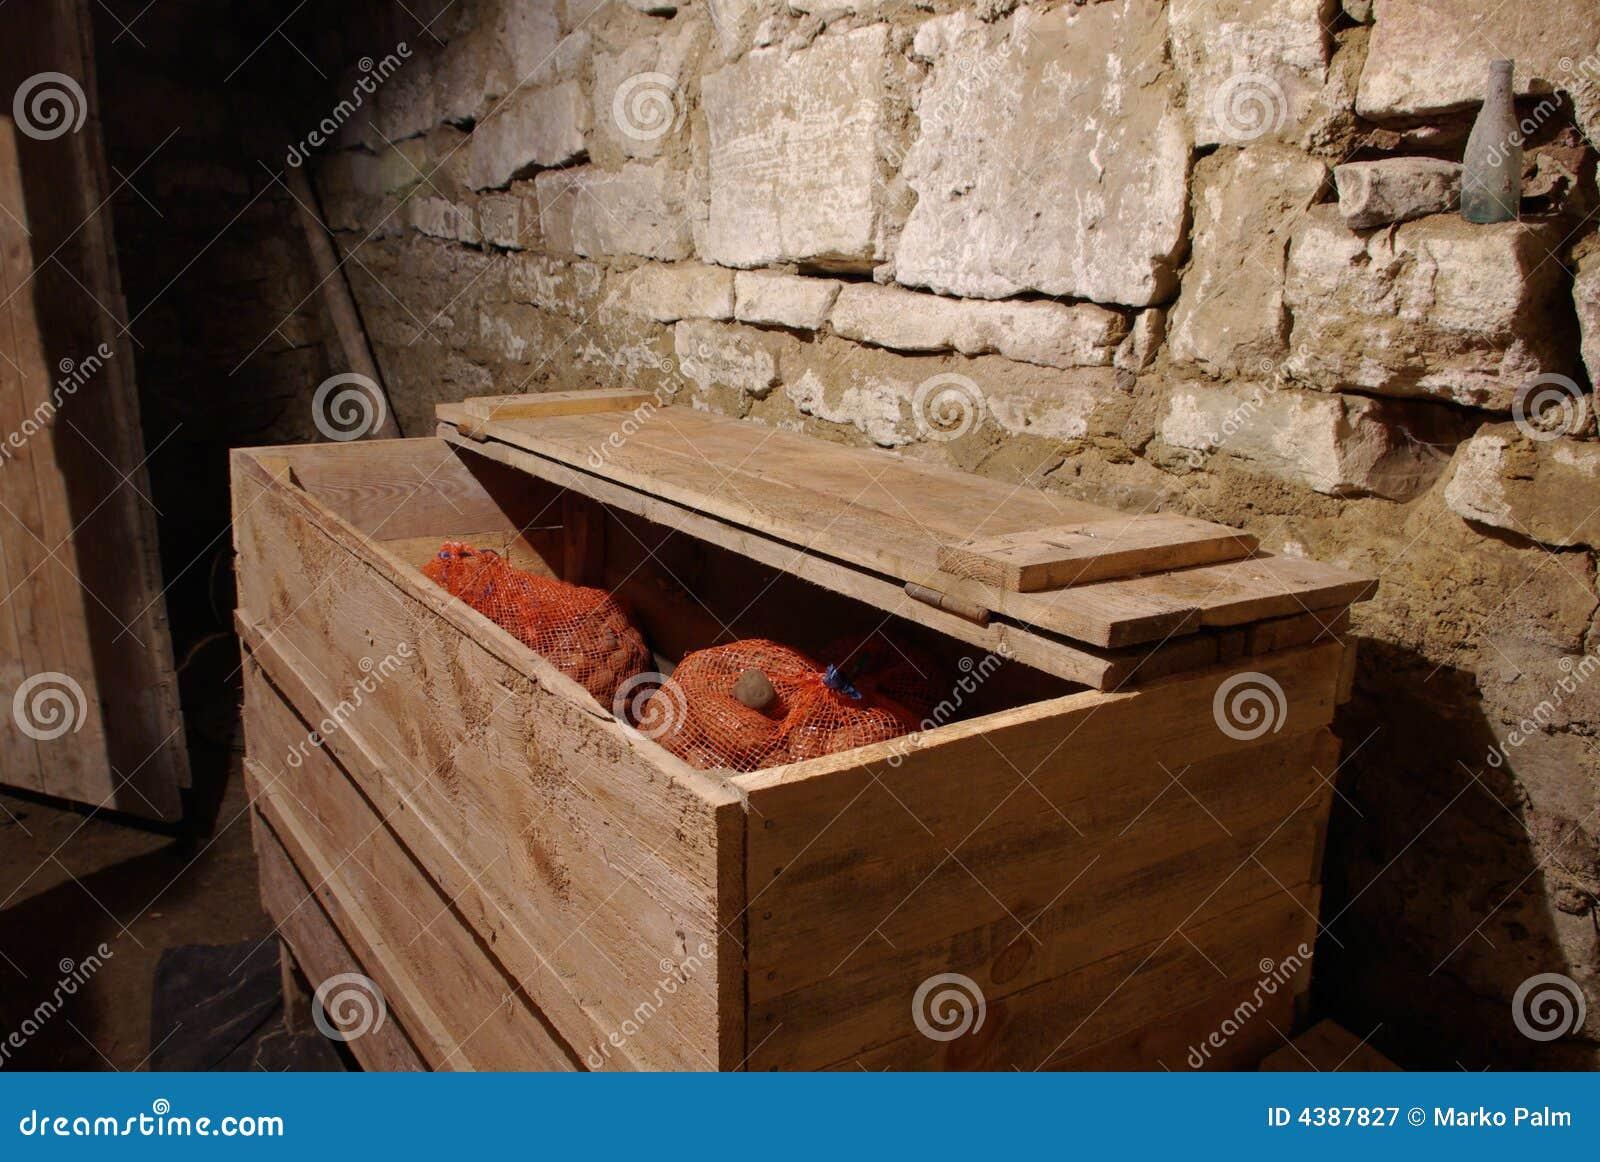 Pommes De Terre Dans Le Coffre De Grenier Image stock - Image du marché, végétation: 4387827